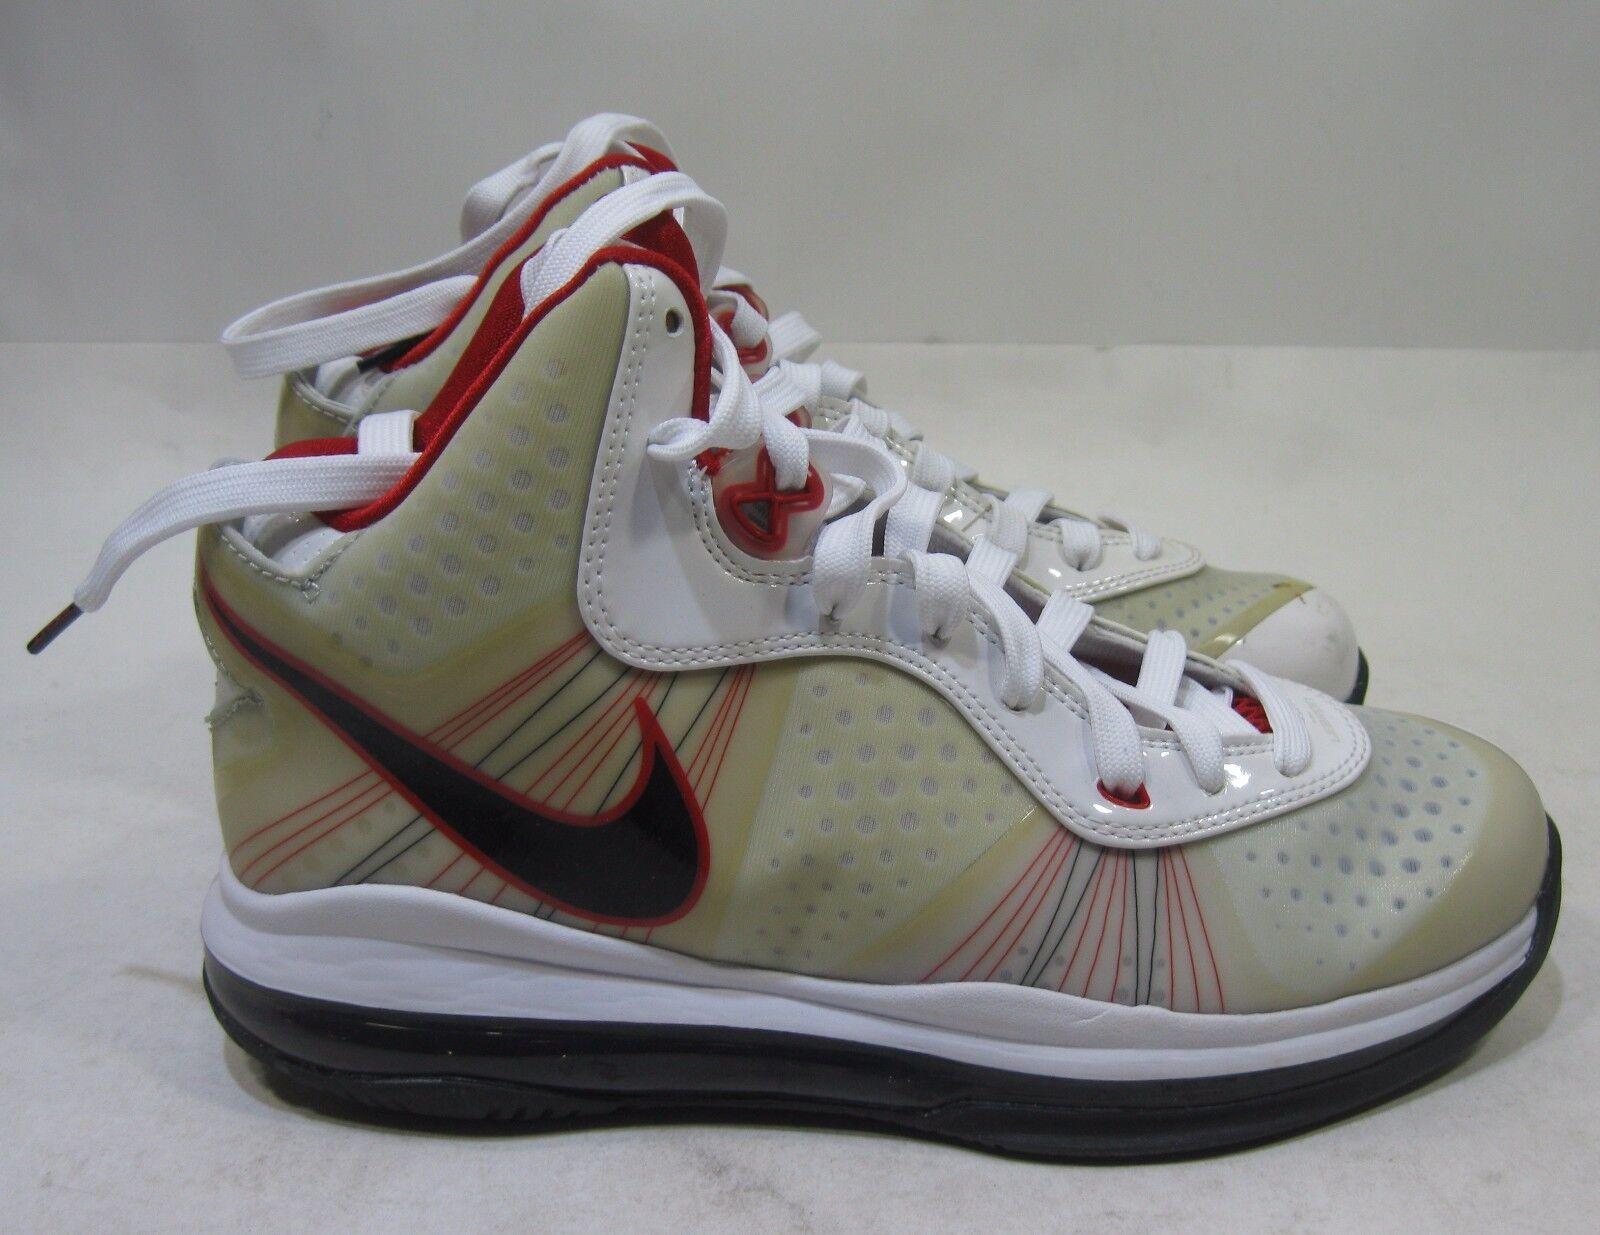 Nike Air Max Lebron VIII 8 V / 2 G Weiß Schwarz Σπορ Rot Grau 431888-100 ΞœΞΞ³Ξ΅ΞΈΞΏΟ' 6